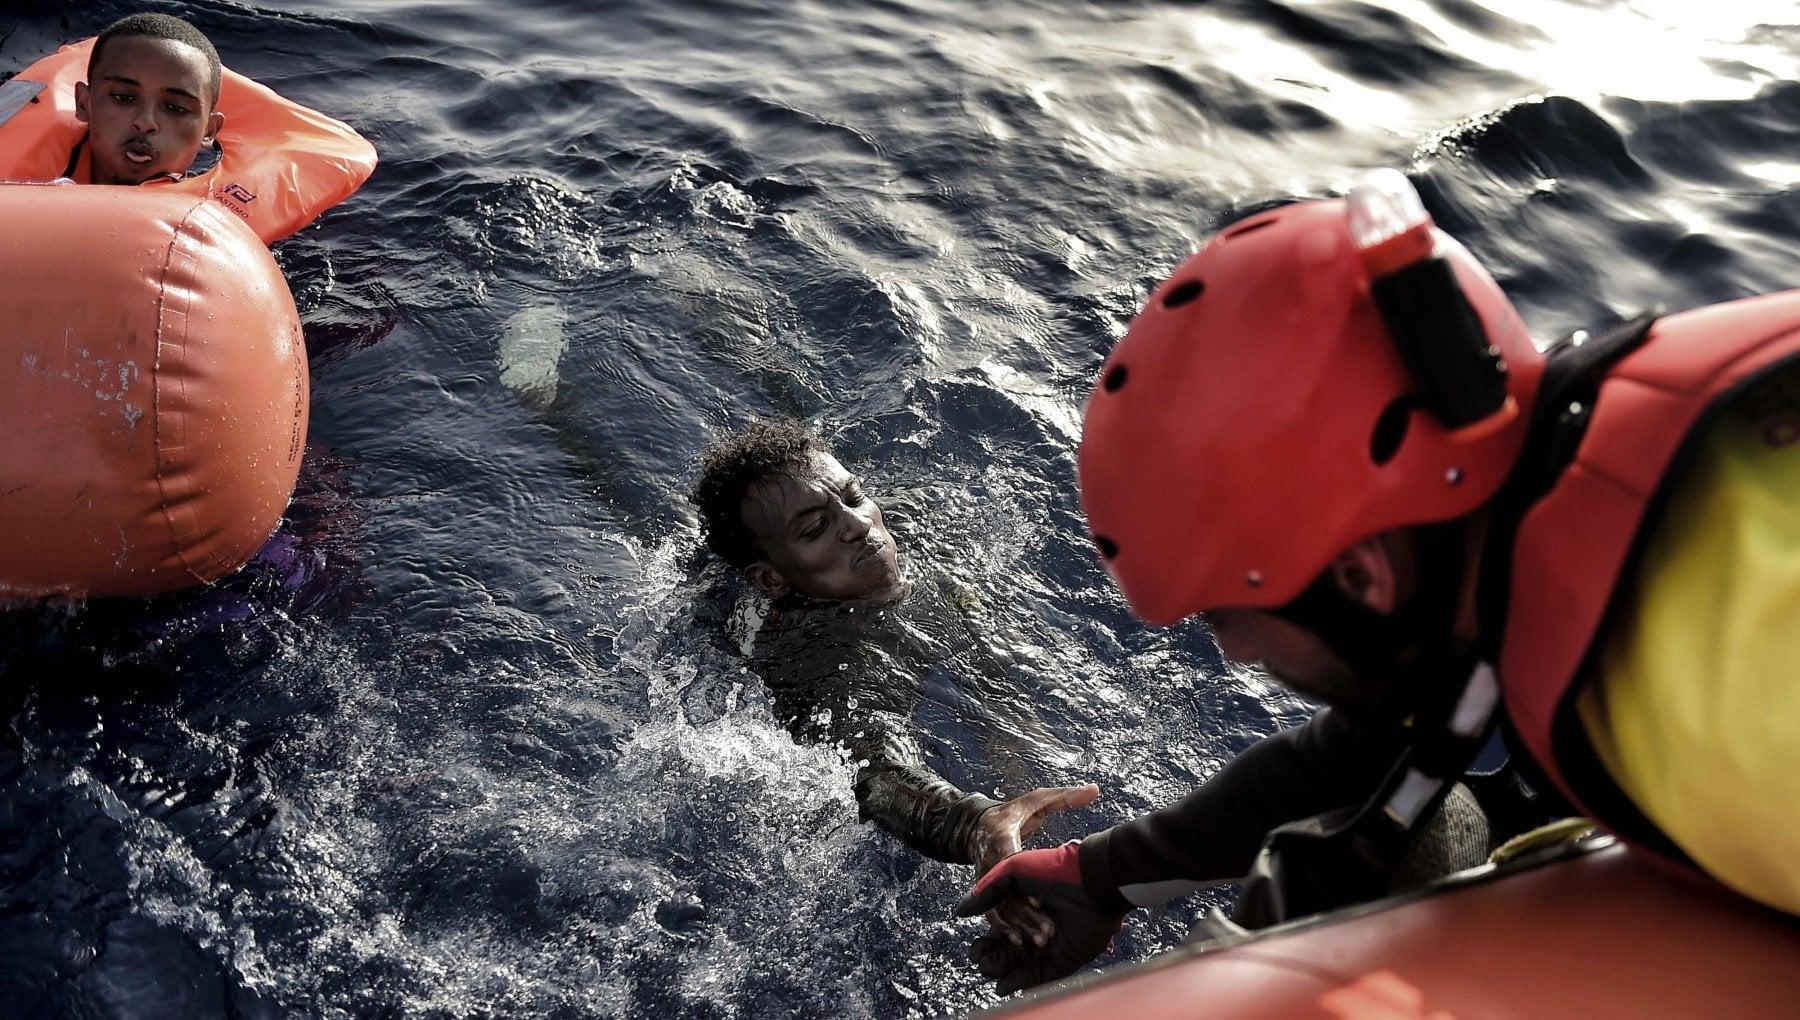 Sos dei migranti in mare lAlarm corre sul filo